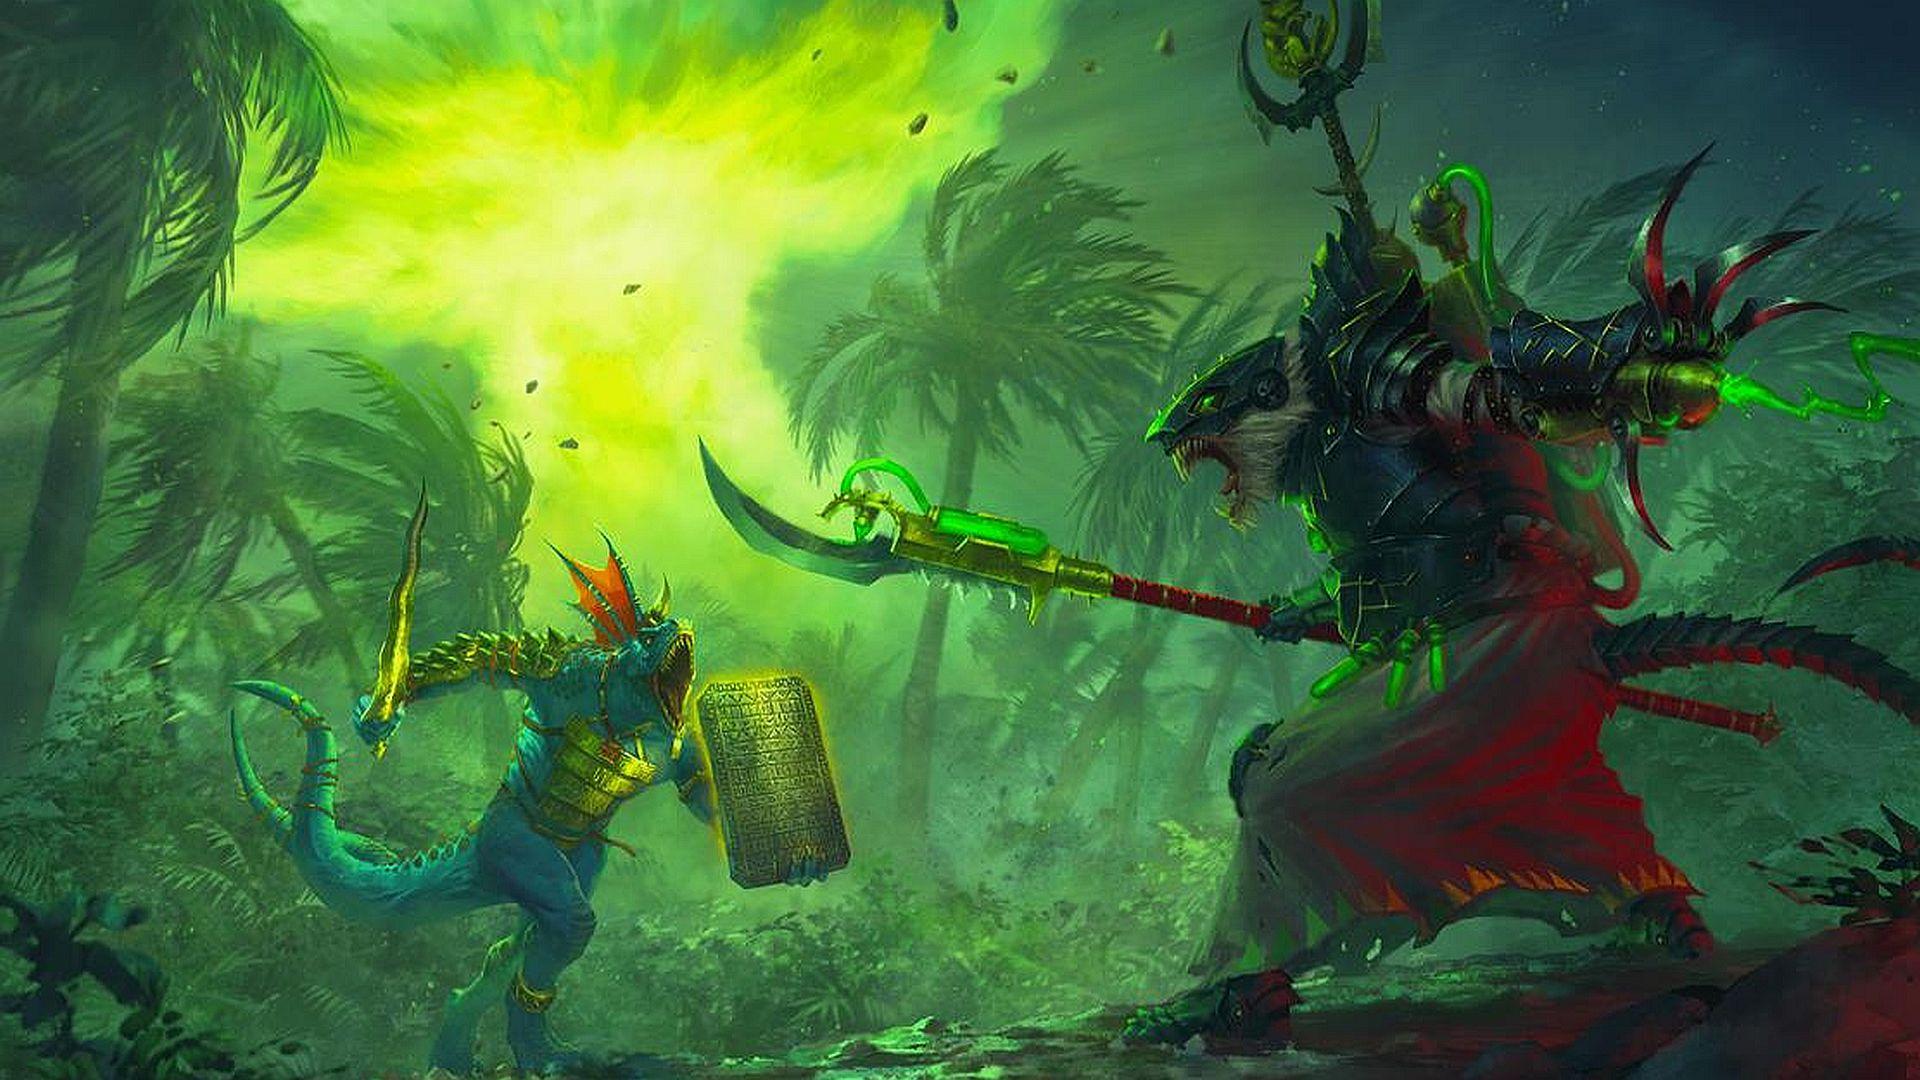 Total War Warhammer 2 Will Still Get Dlc But No New Races